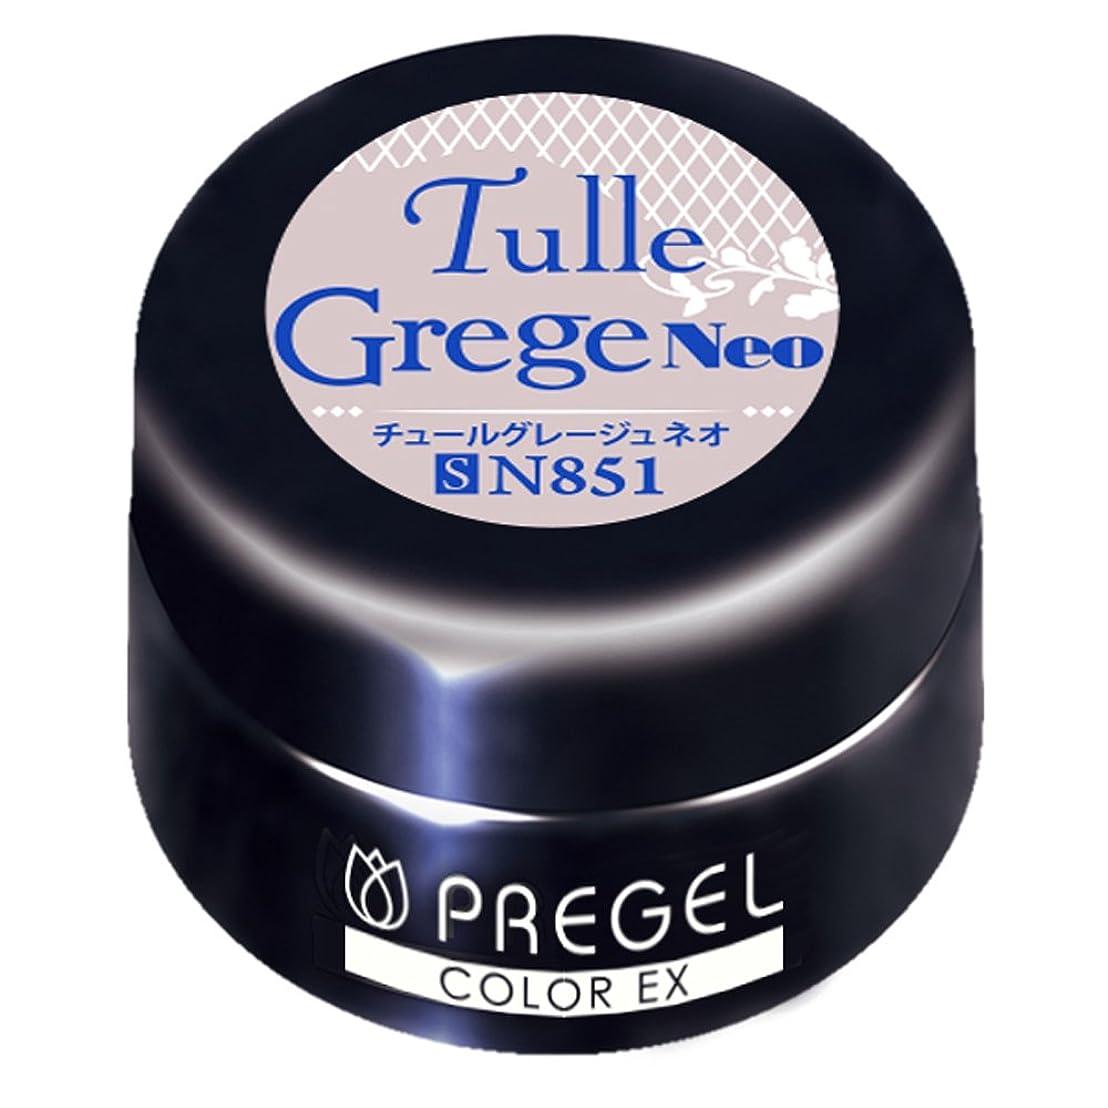 学生発揮する流体PRE GEL カラーEX チュールグレージュ neo 851 3g UV/LED対応